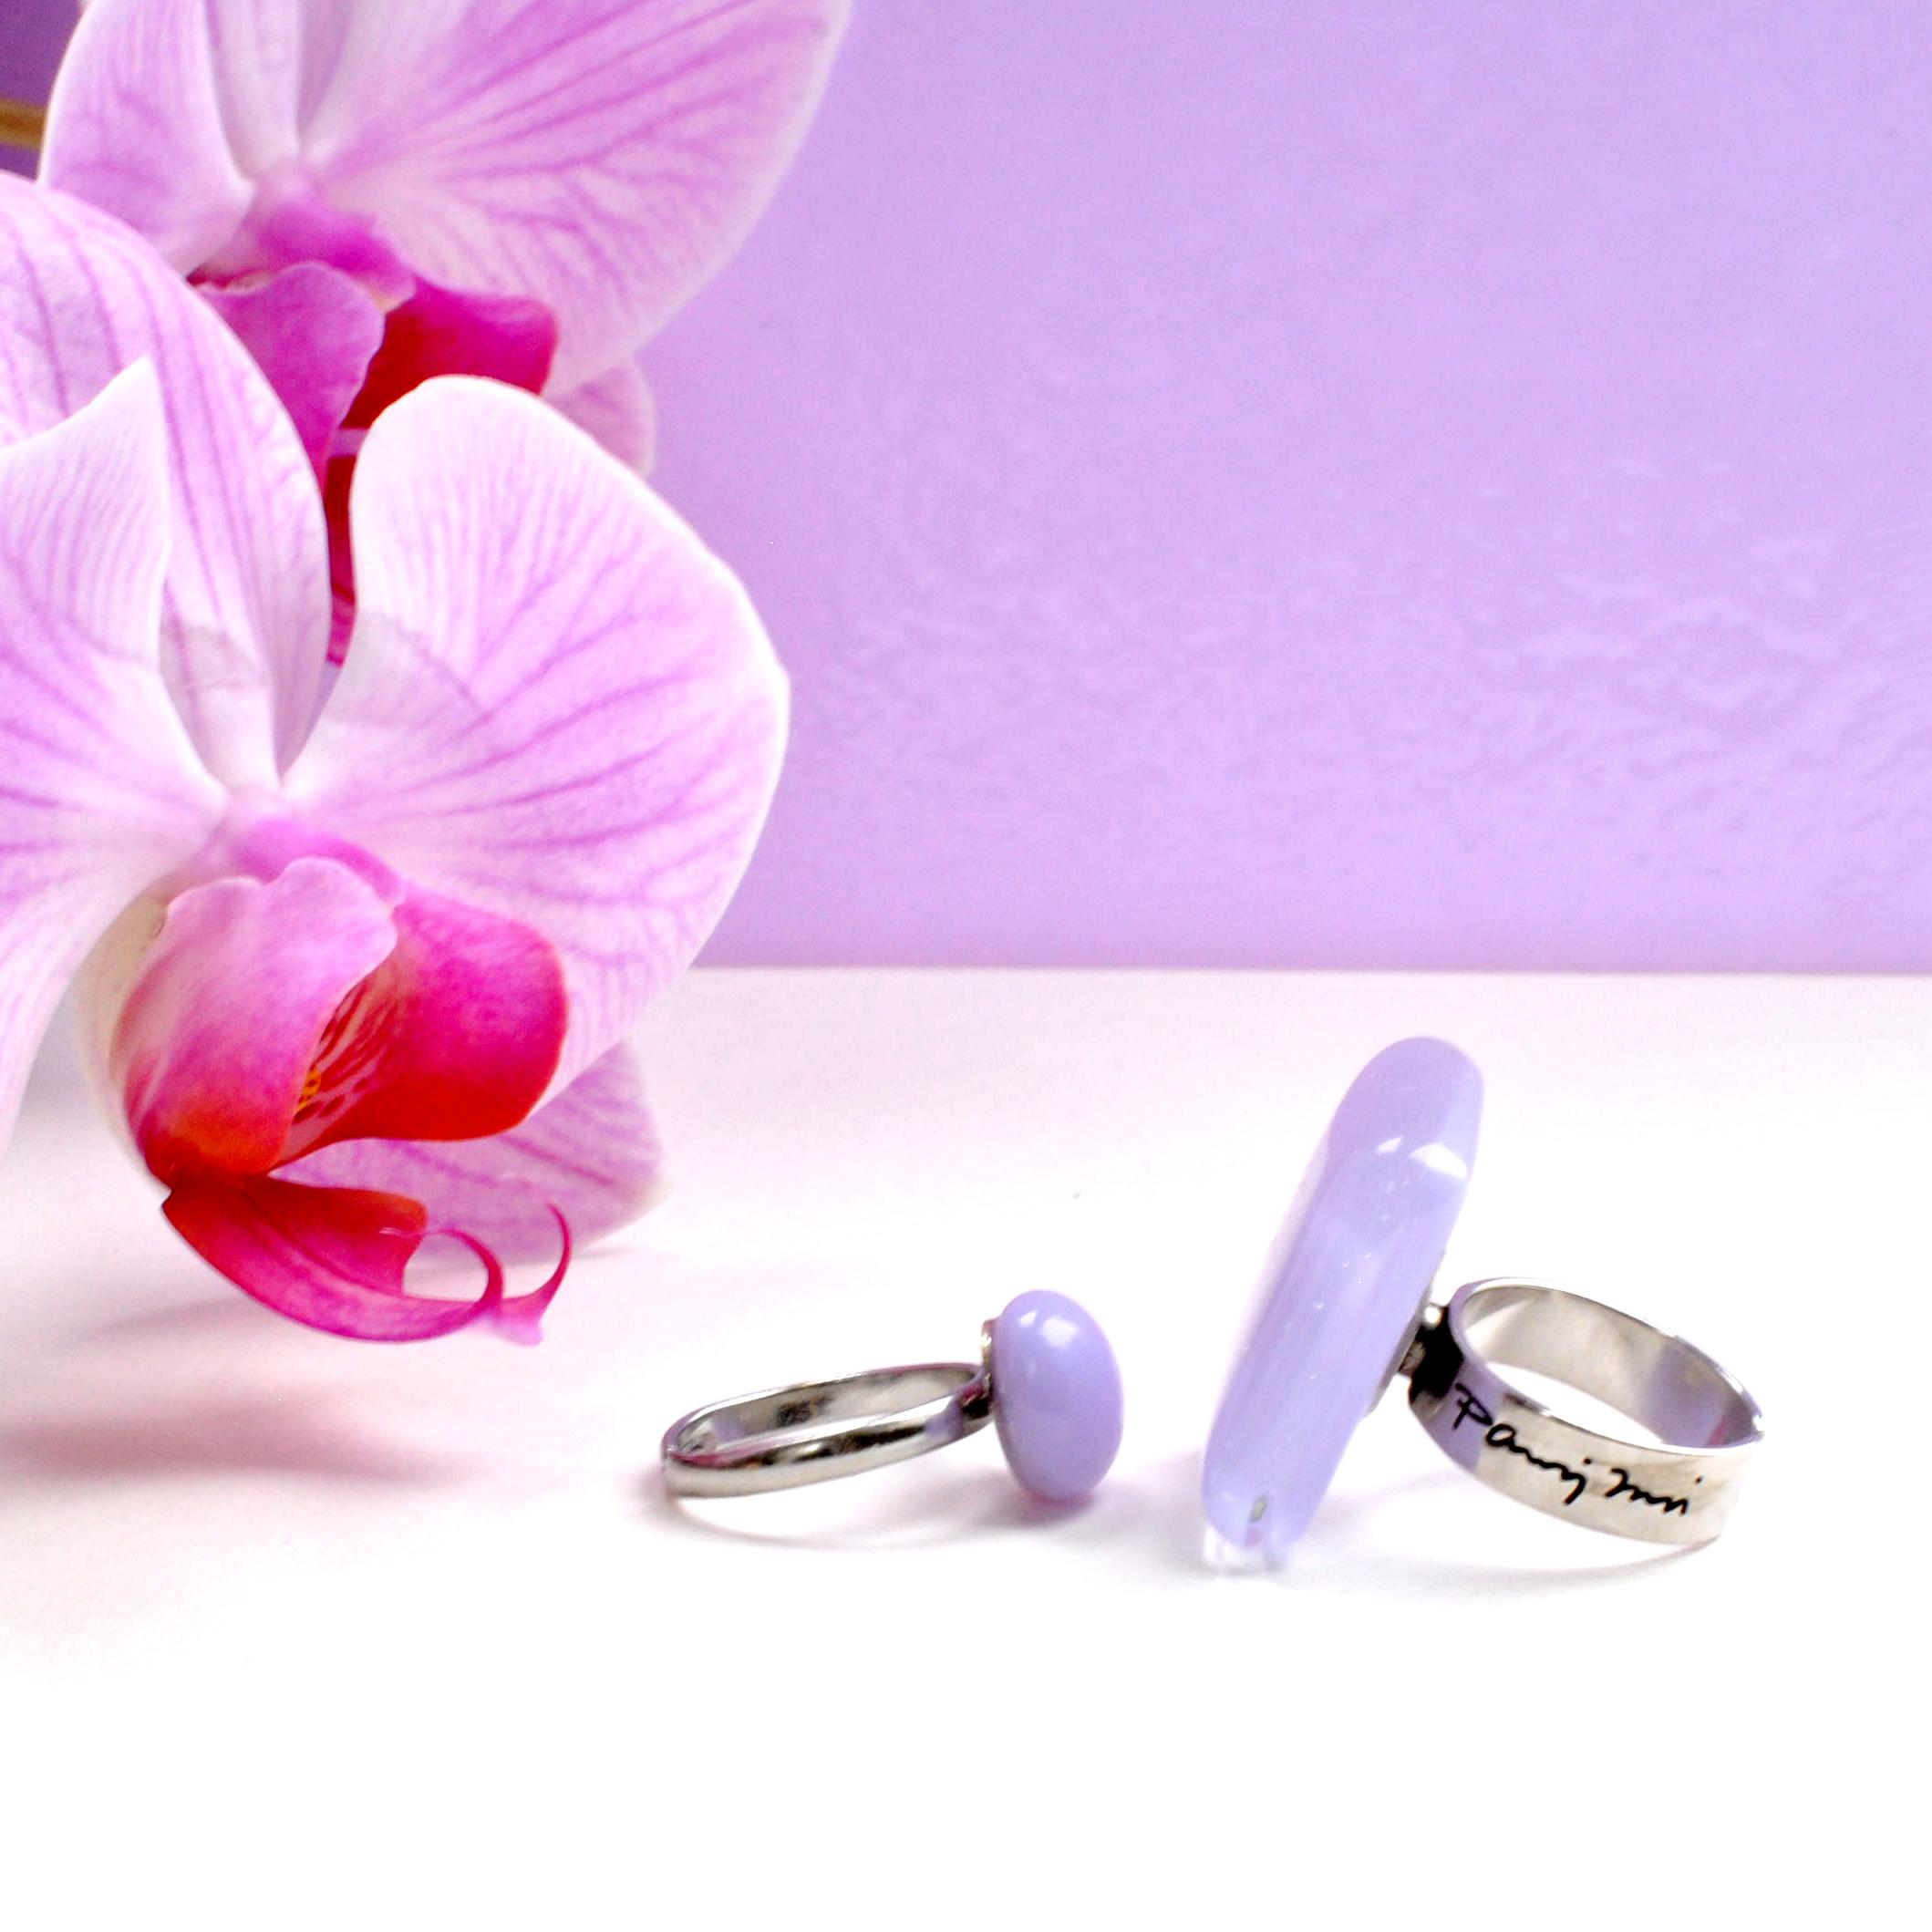 ragyogo_orchidea_07.jpg